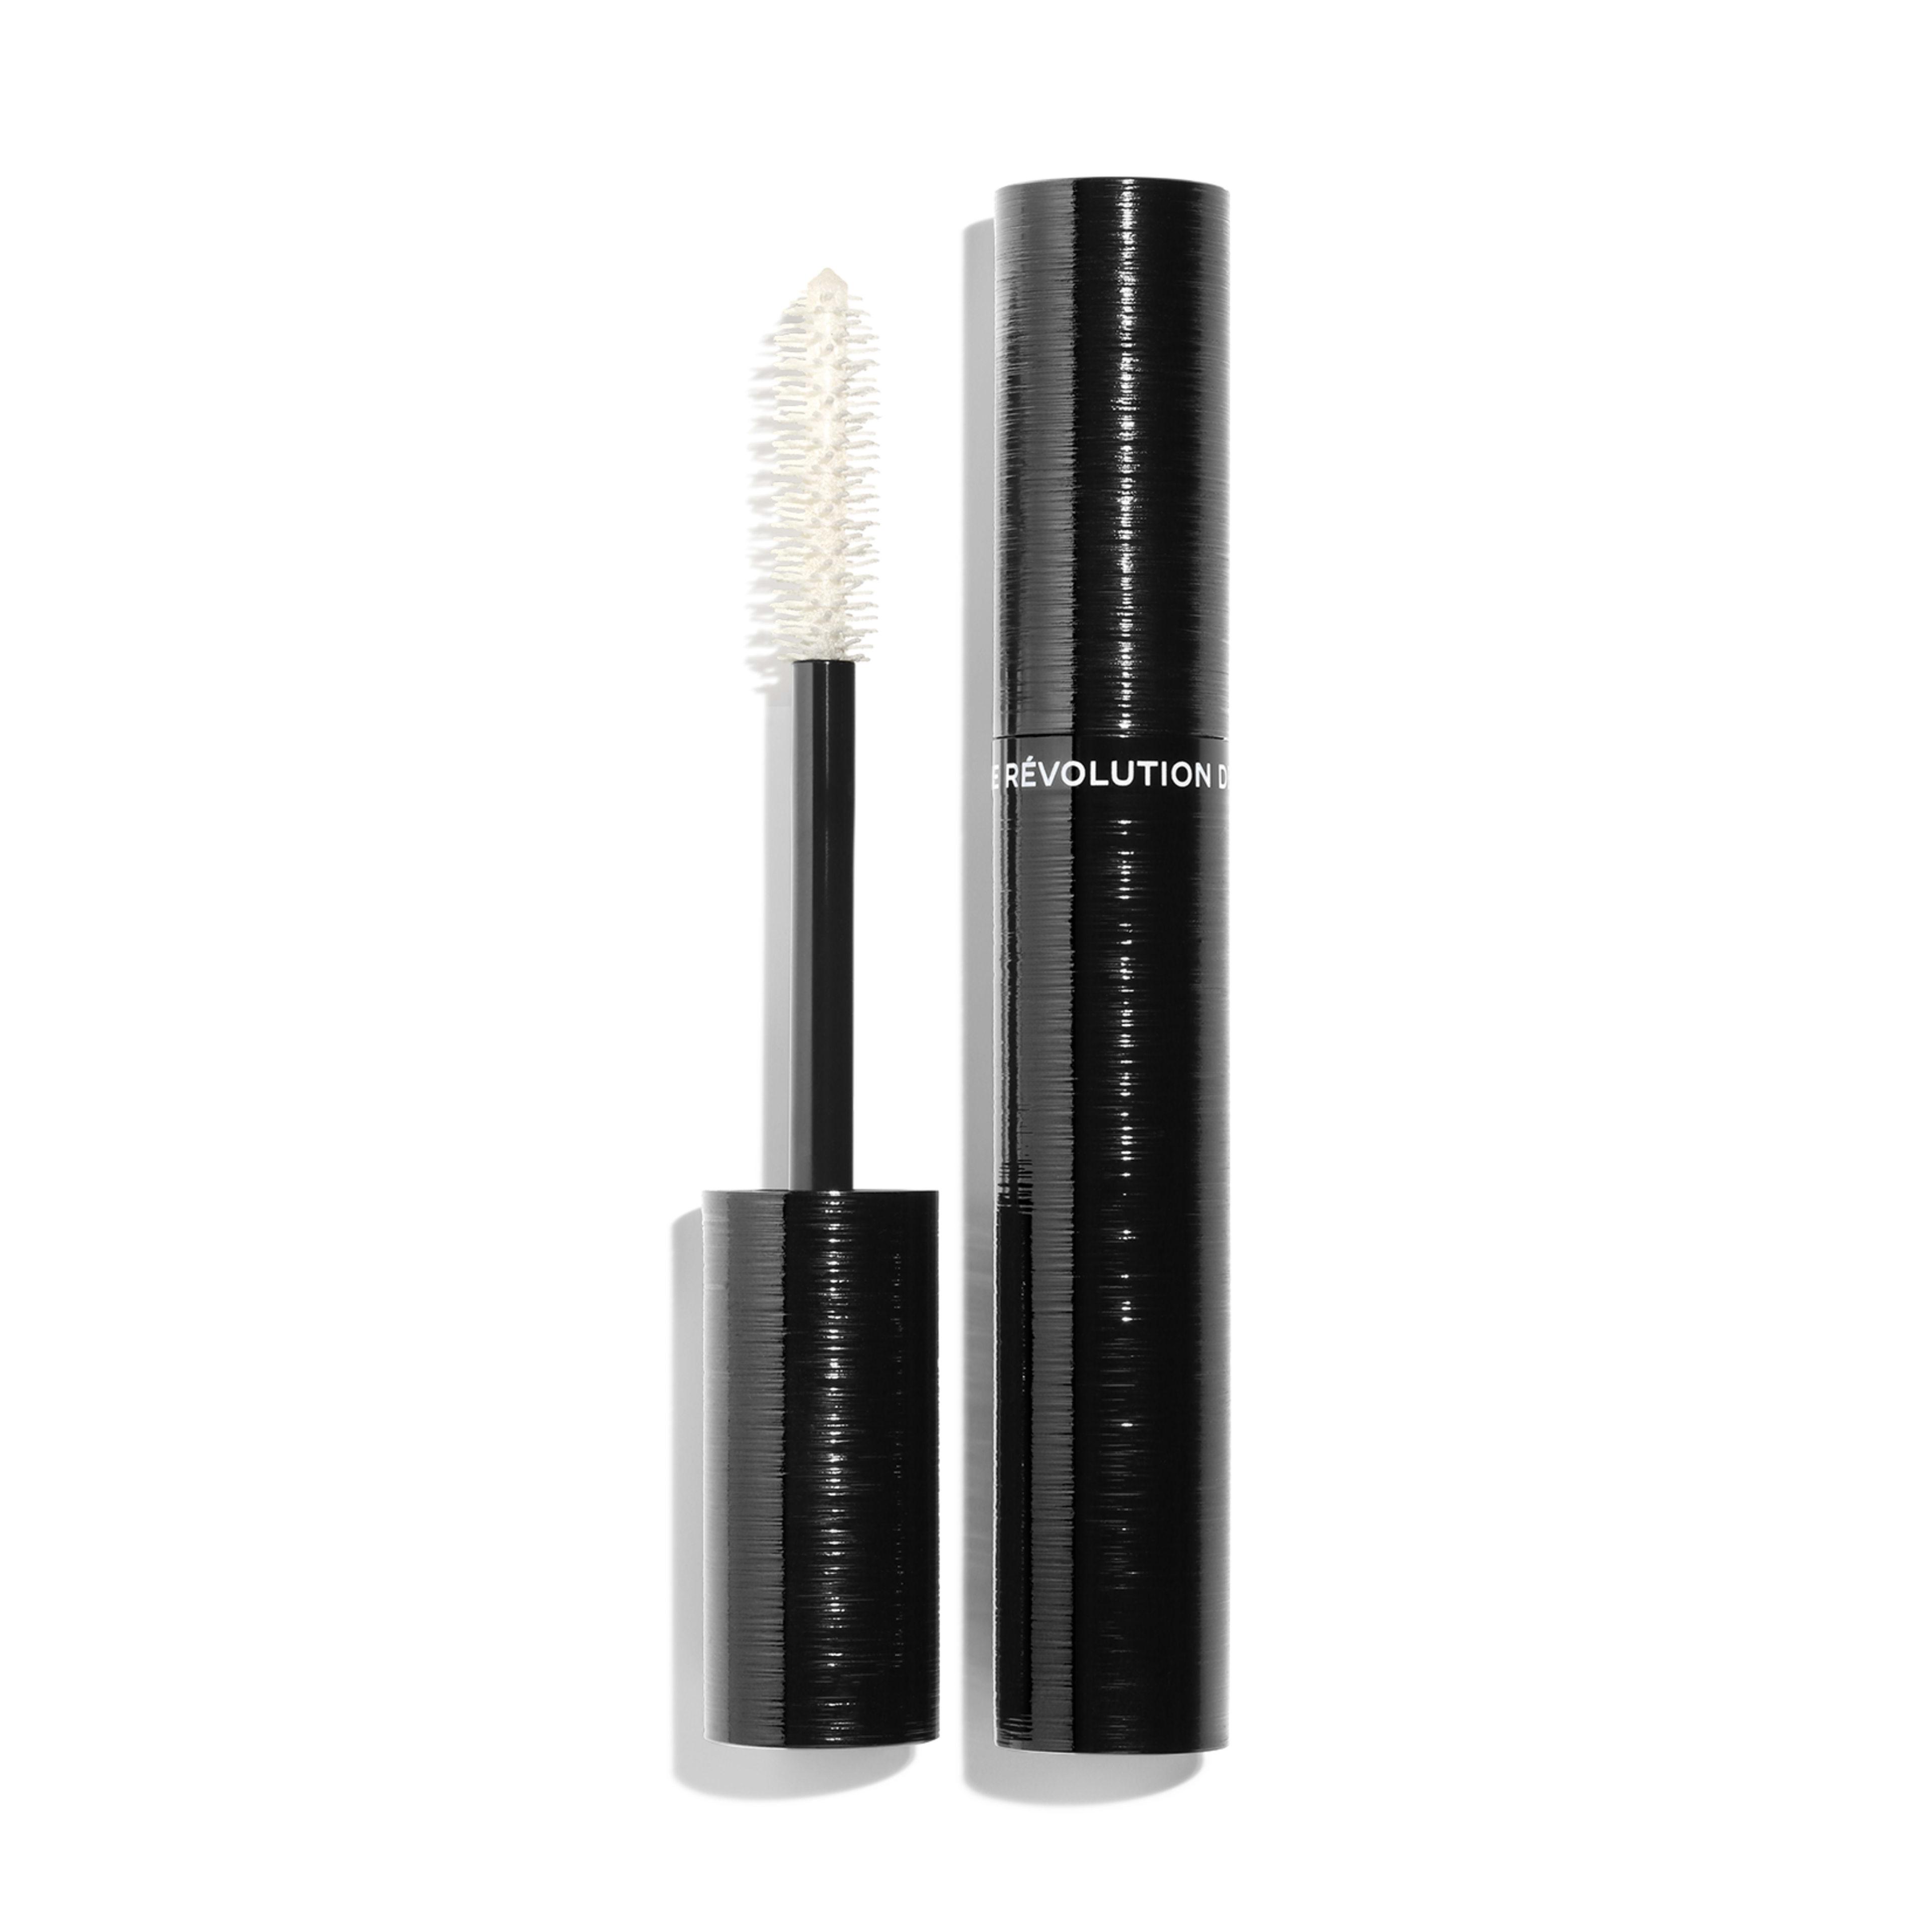 LE VOLUME RÉVOLUTION DE CHANEL - makeup - 0.21OZ. - Default view